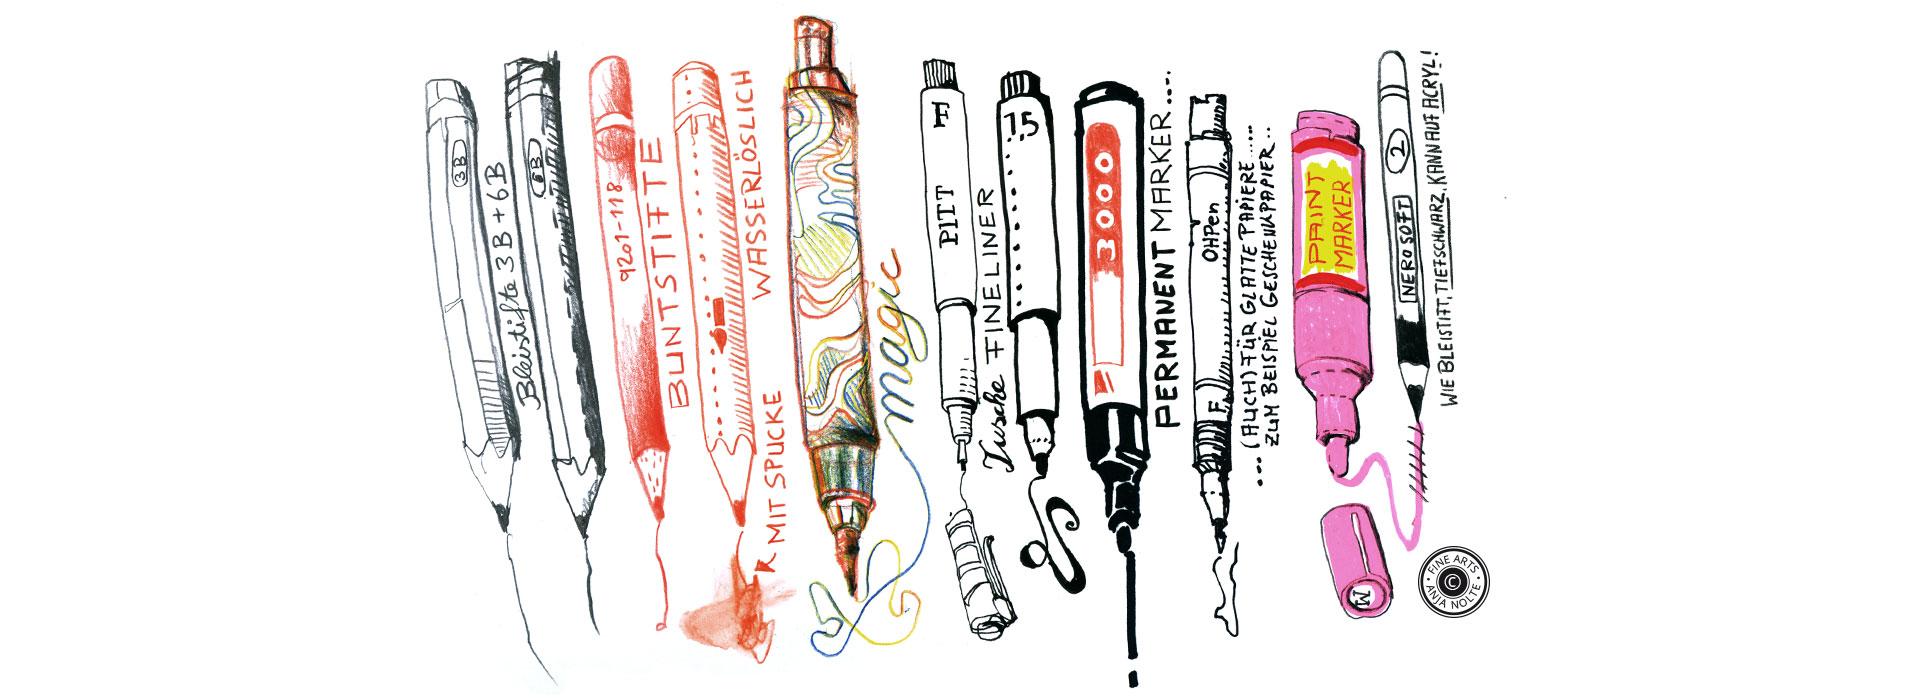 Zeichnung aus dem Buch Urban Sketching München © Anja Nolte 2017